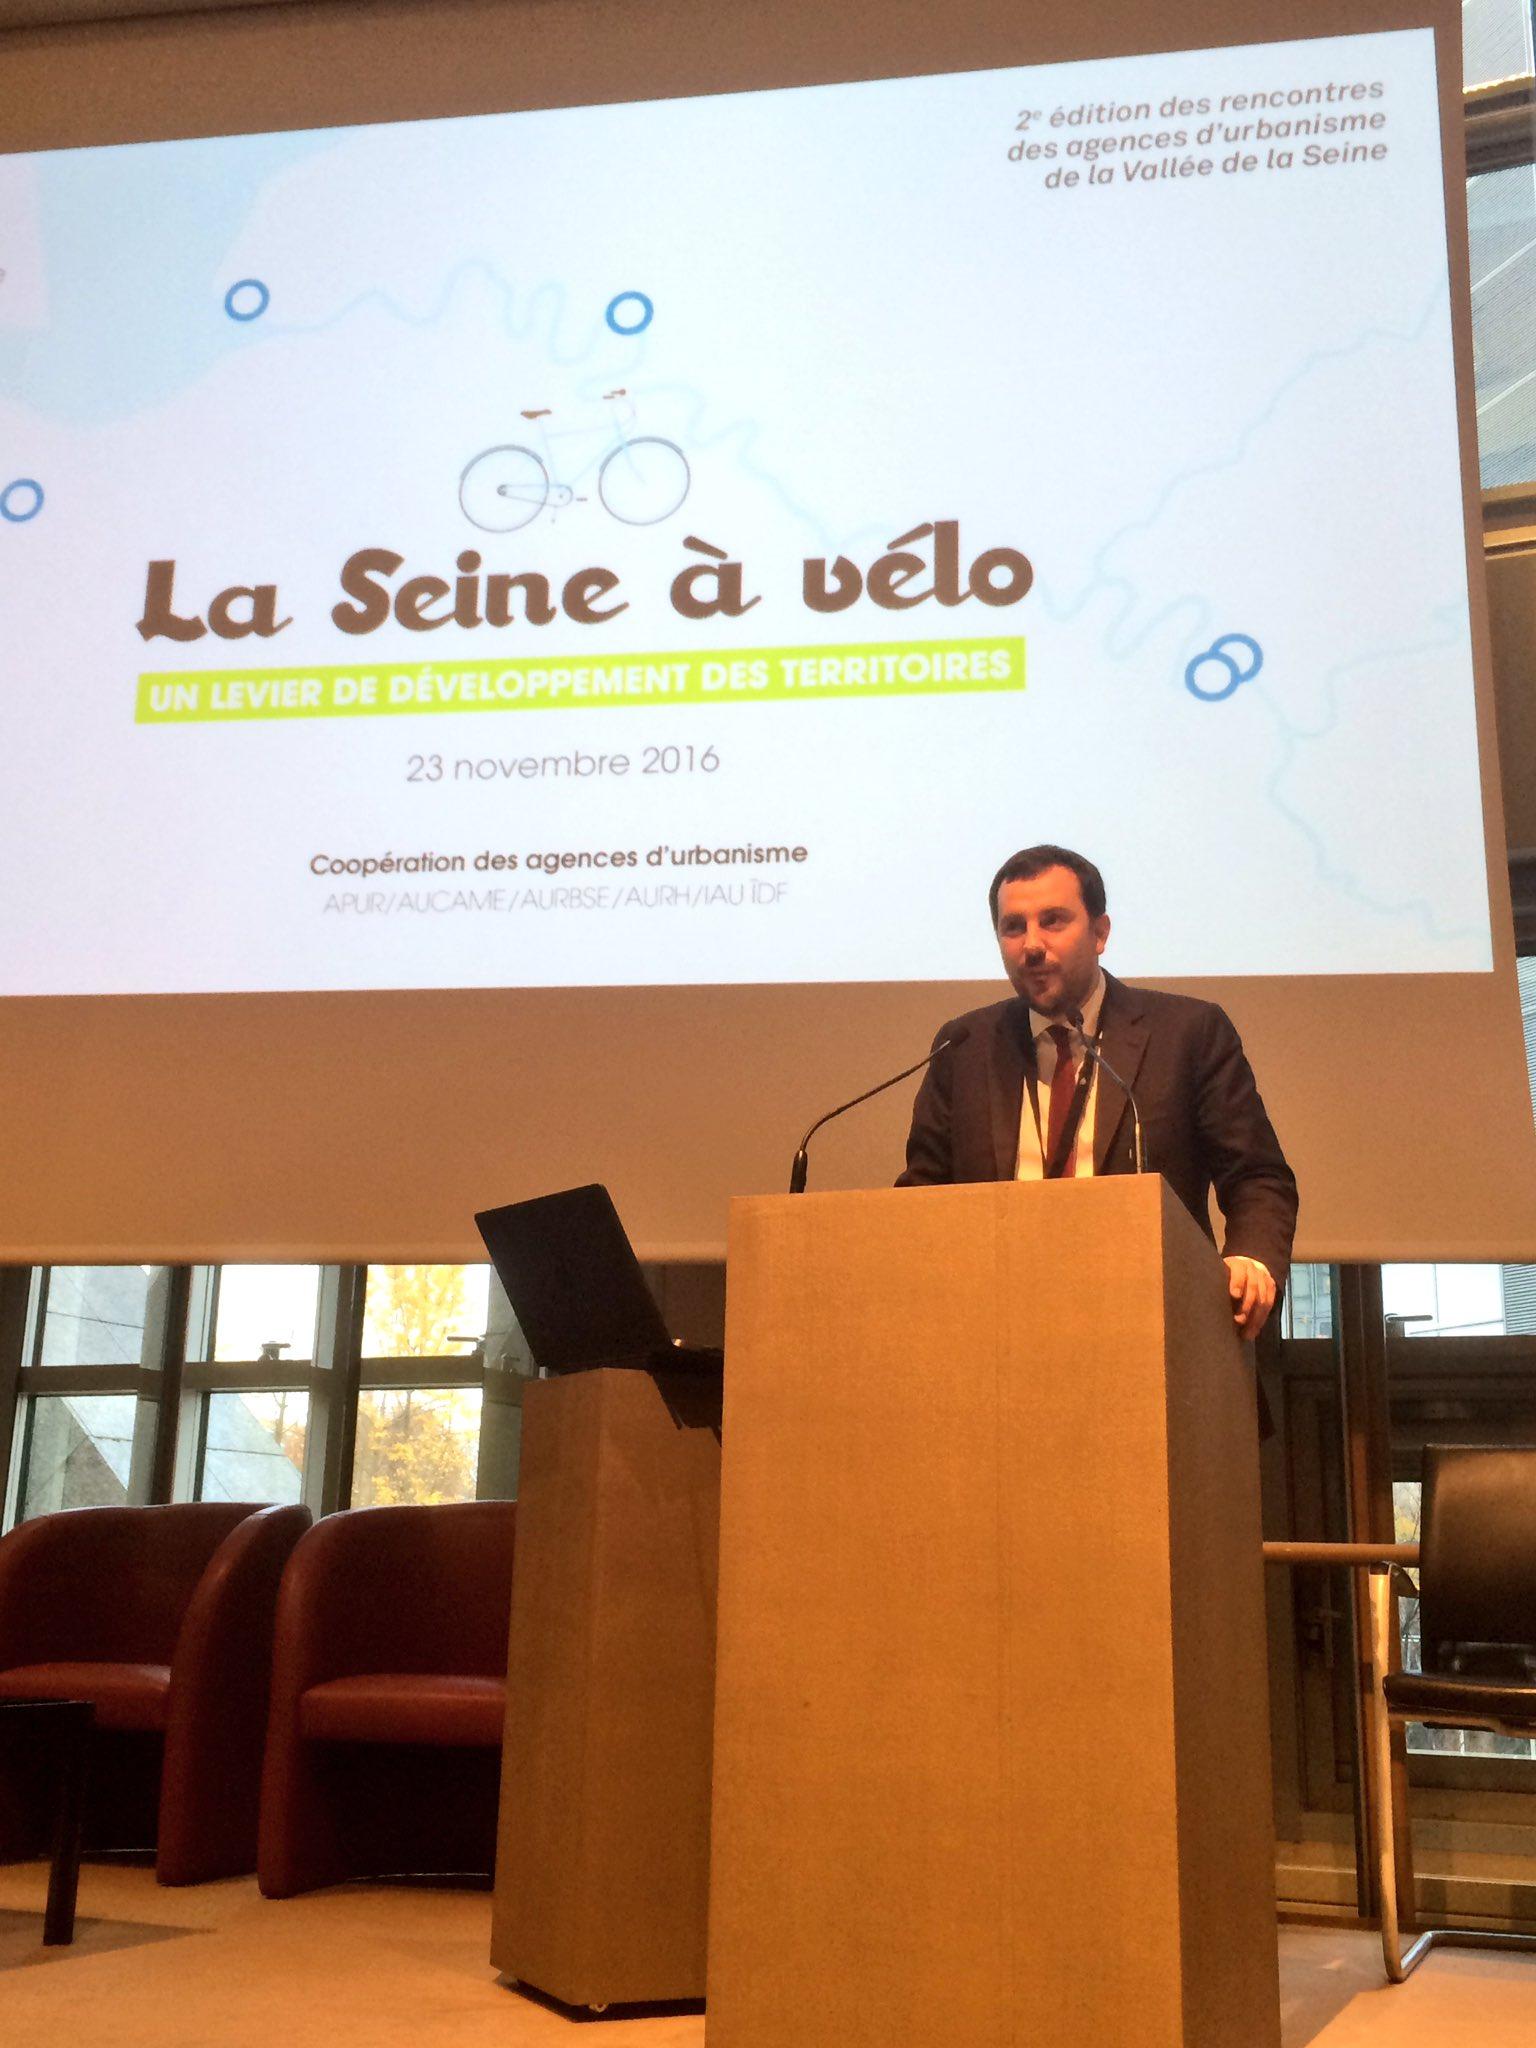 Simon du Moulin, directeur de l'@aurh_officiel annonce l'ouverture du site https://t.co/imBR4KmSOG  #veloseine https://t.co/Ef1tKQYnTt